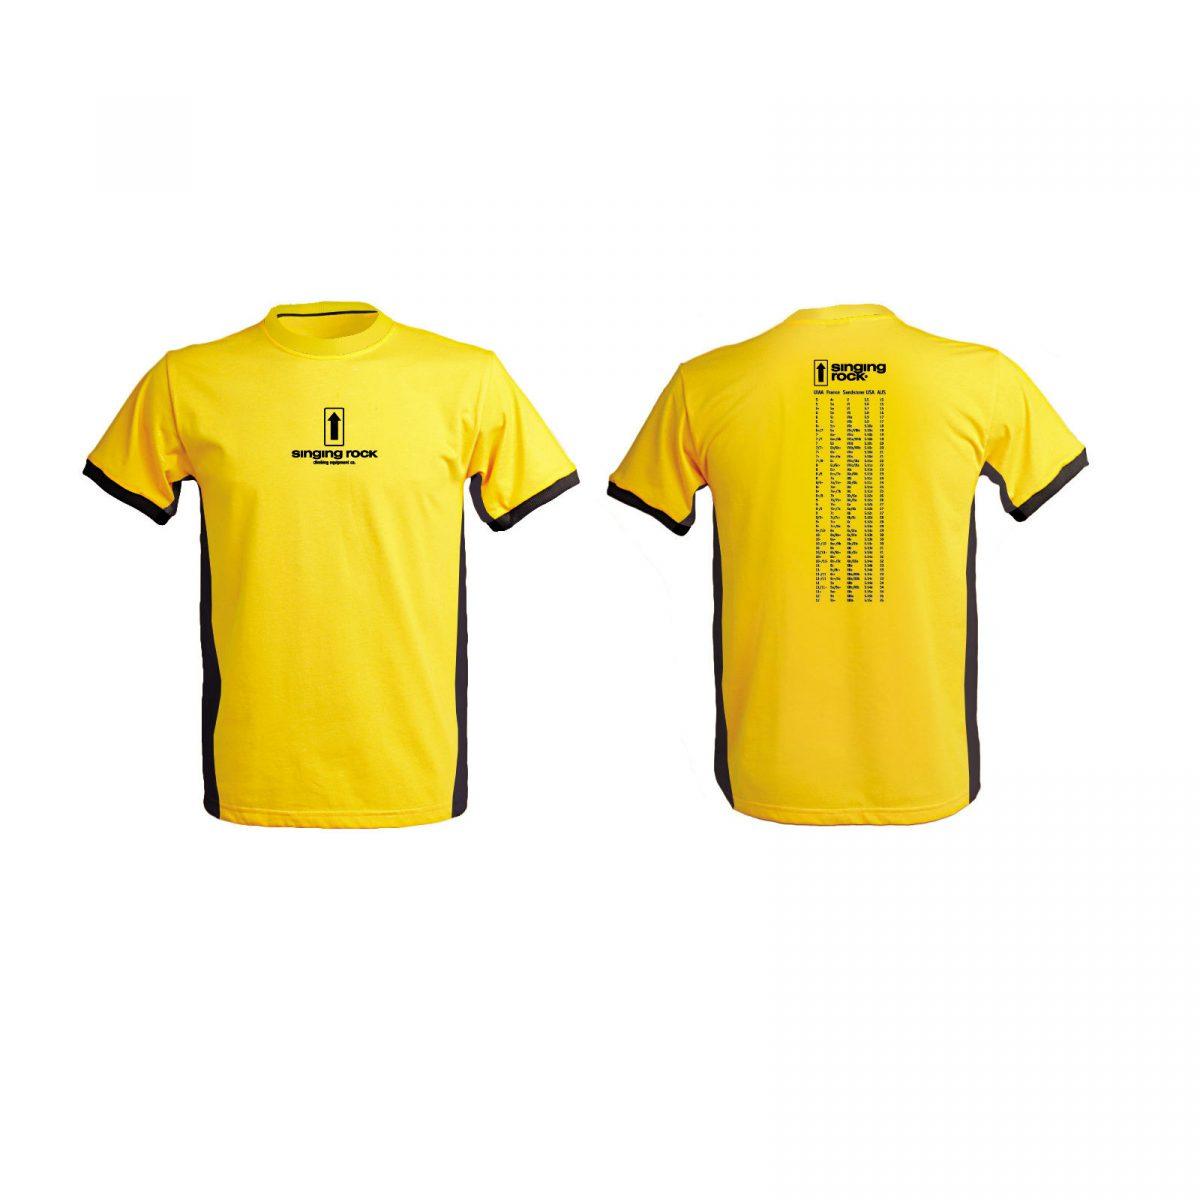 Koszulka męska CLIMBING GRADES